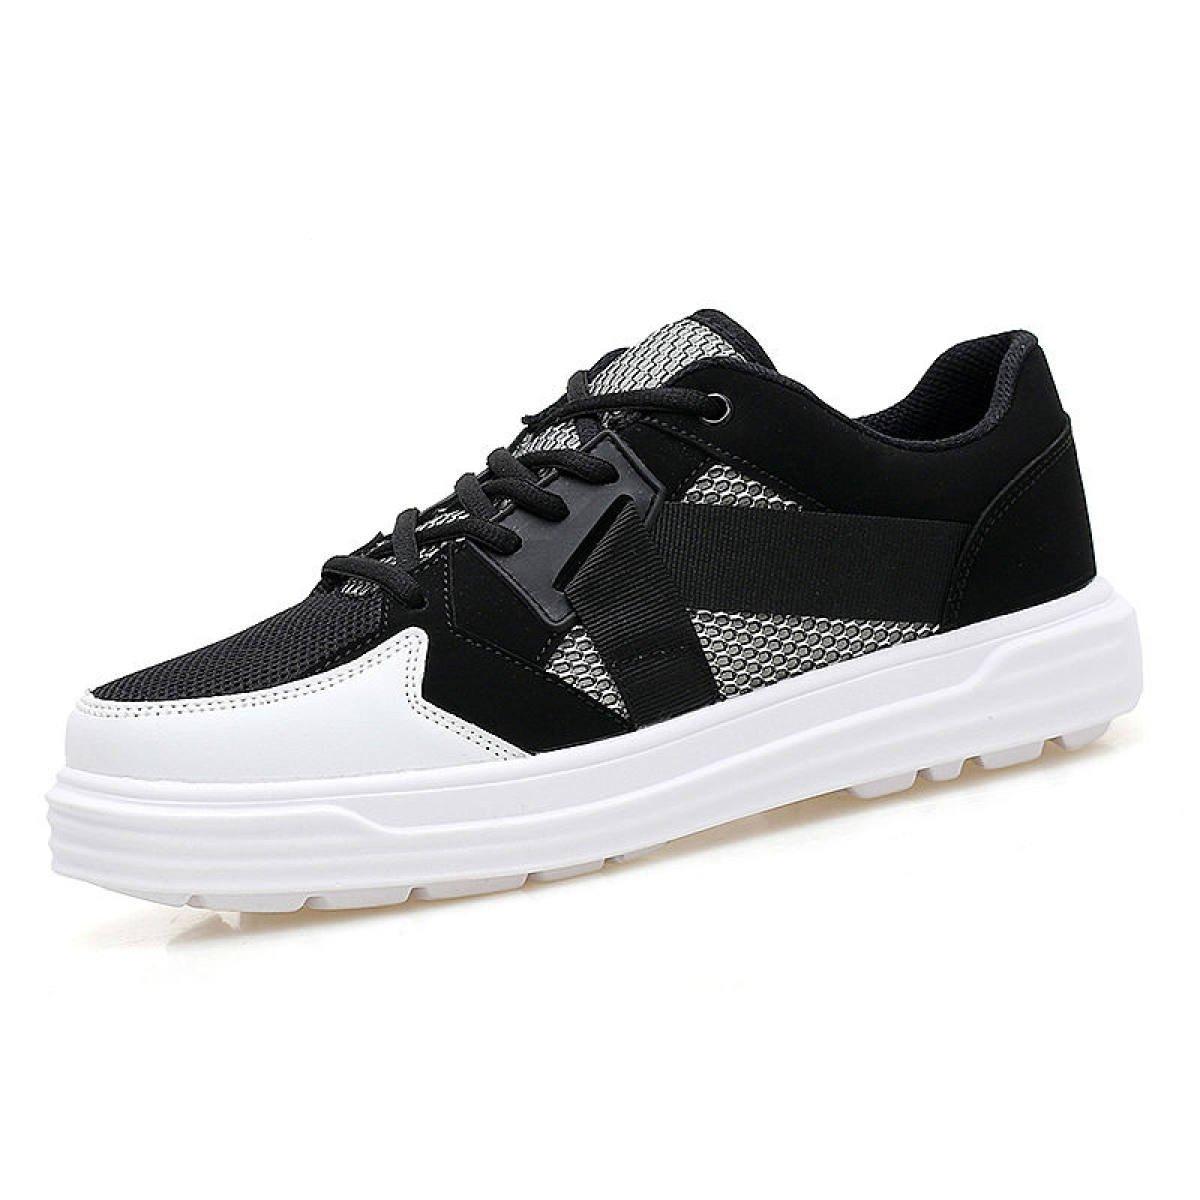 GRRONG Paare Schuhe Sport Netto-Schuhe Atmungsaktive Mesh-Laufschuhe  40|Black